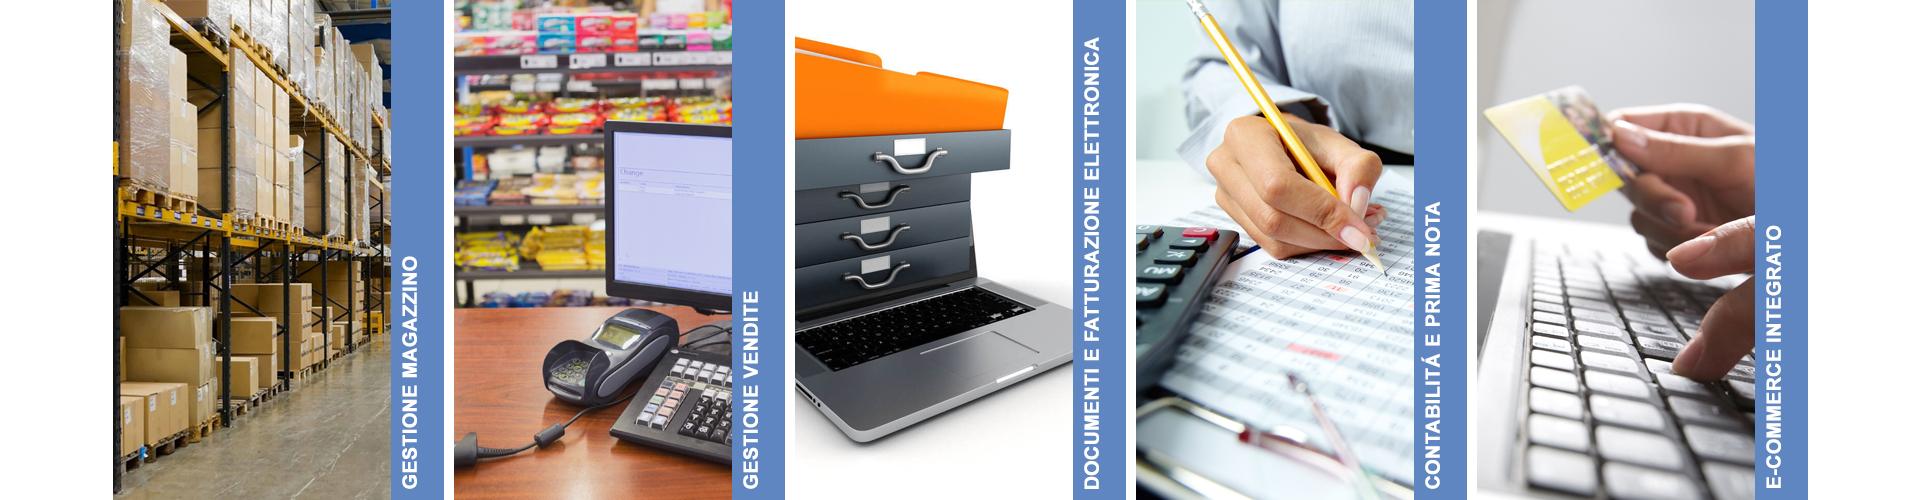 facile tre gestione magazzino vendite documenti e fatturazione elettronica contabilità e e-commerce